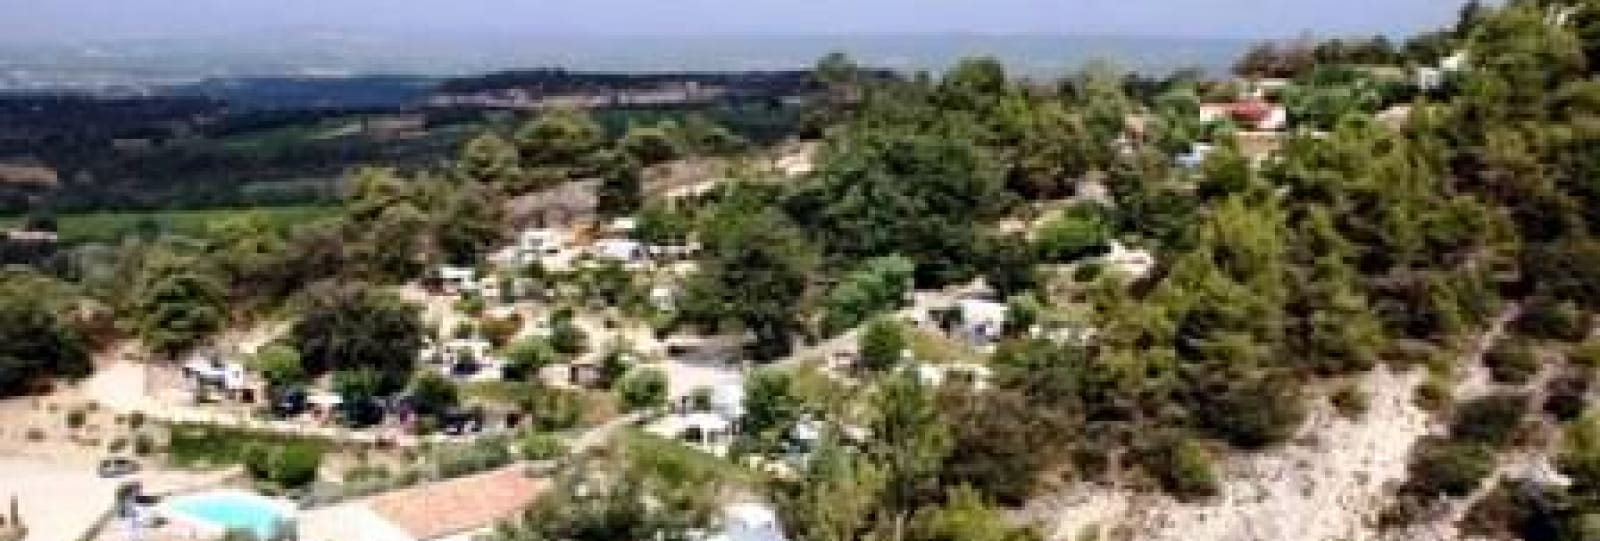 Les Terrasses Provençales